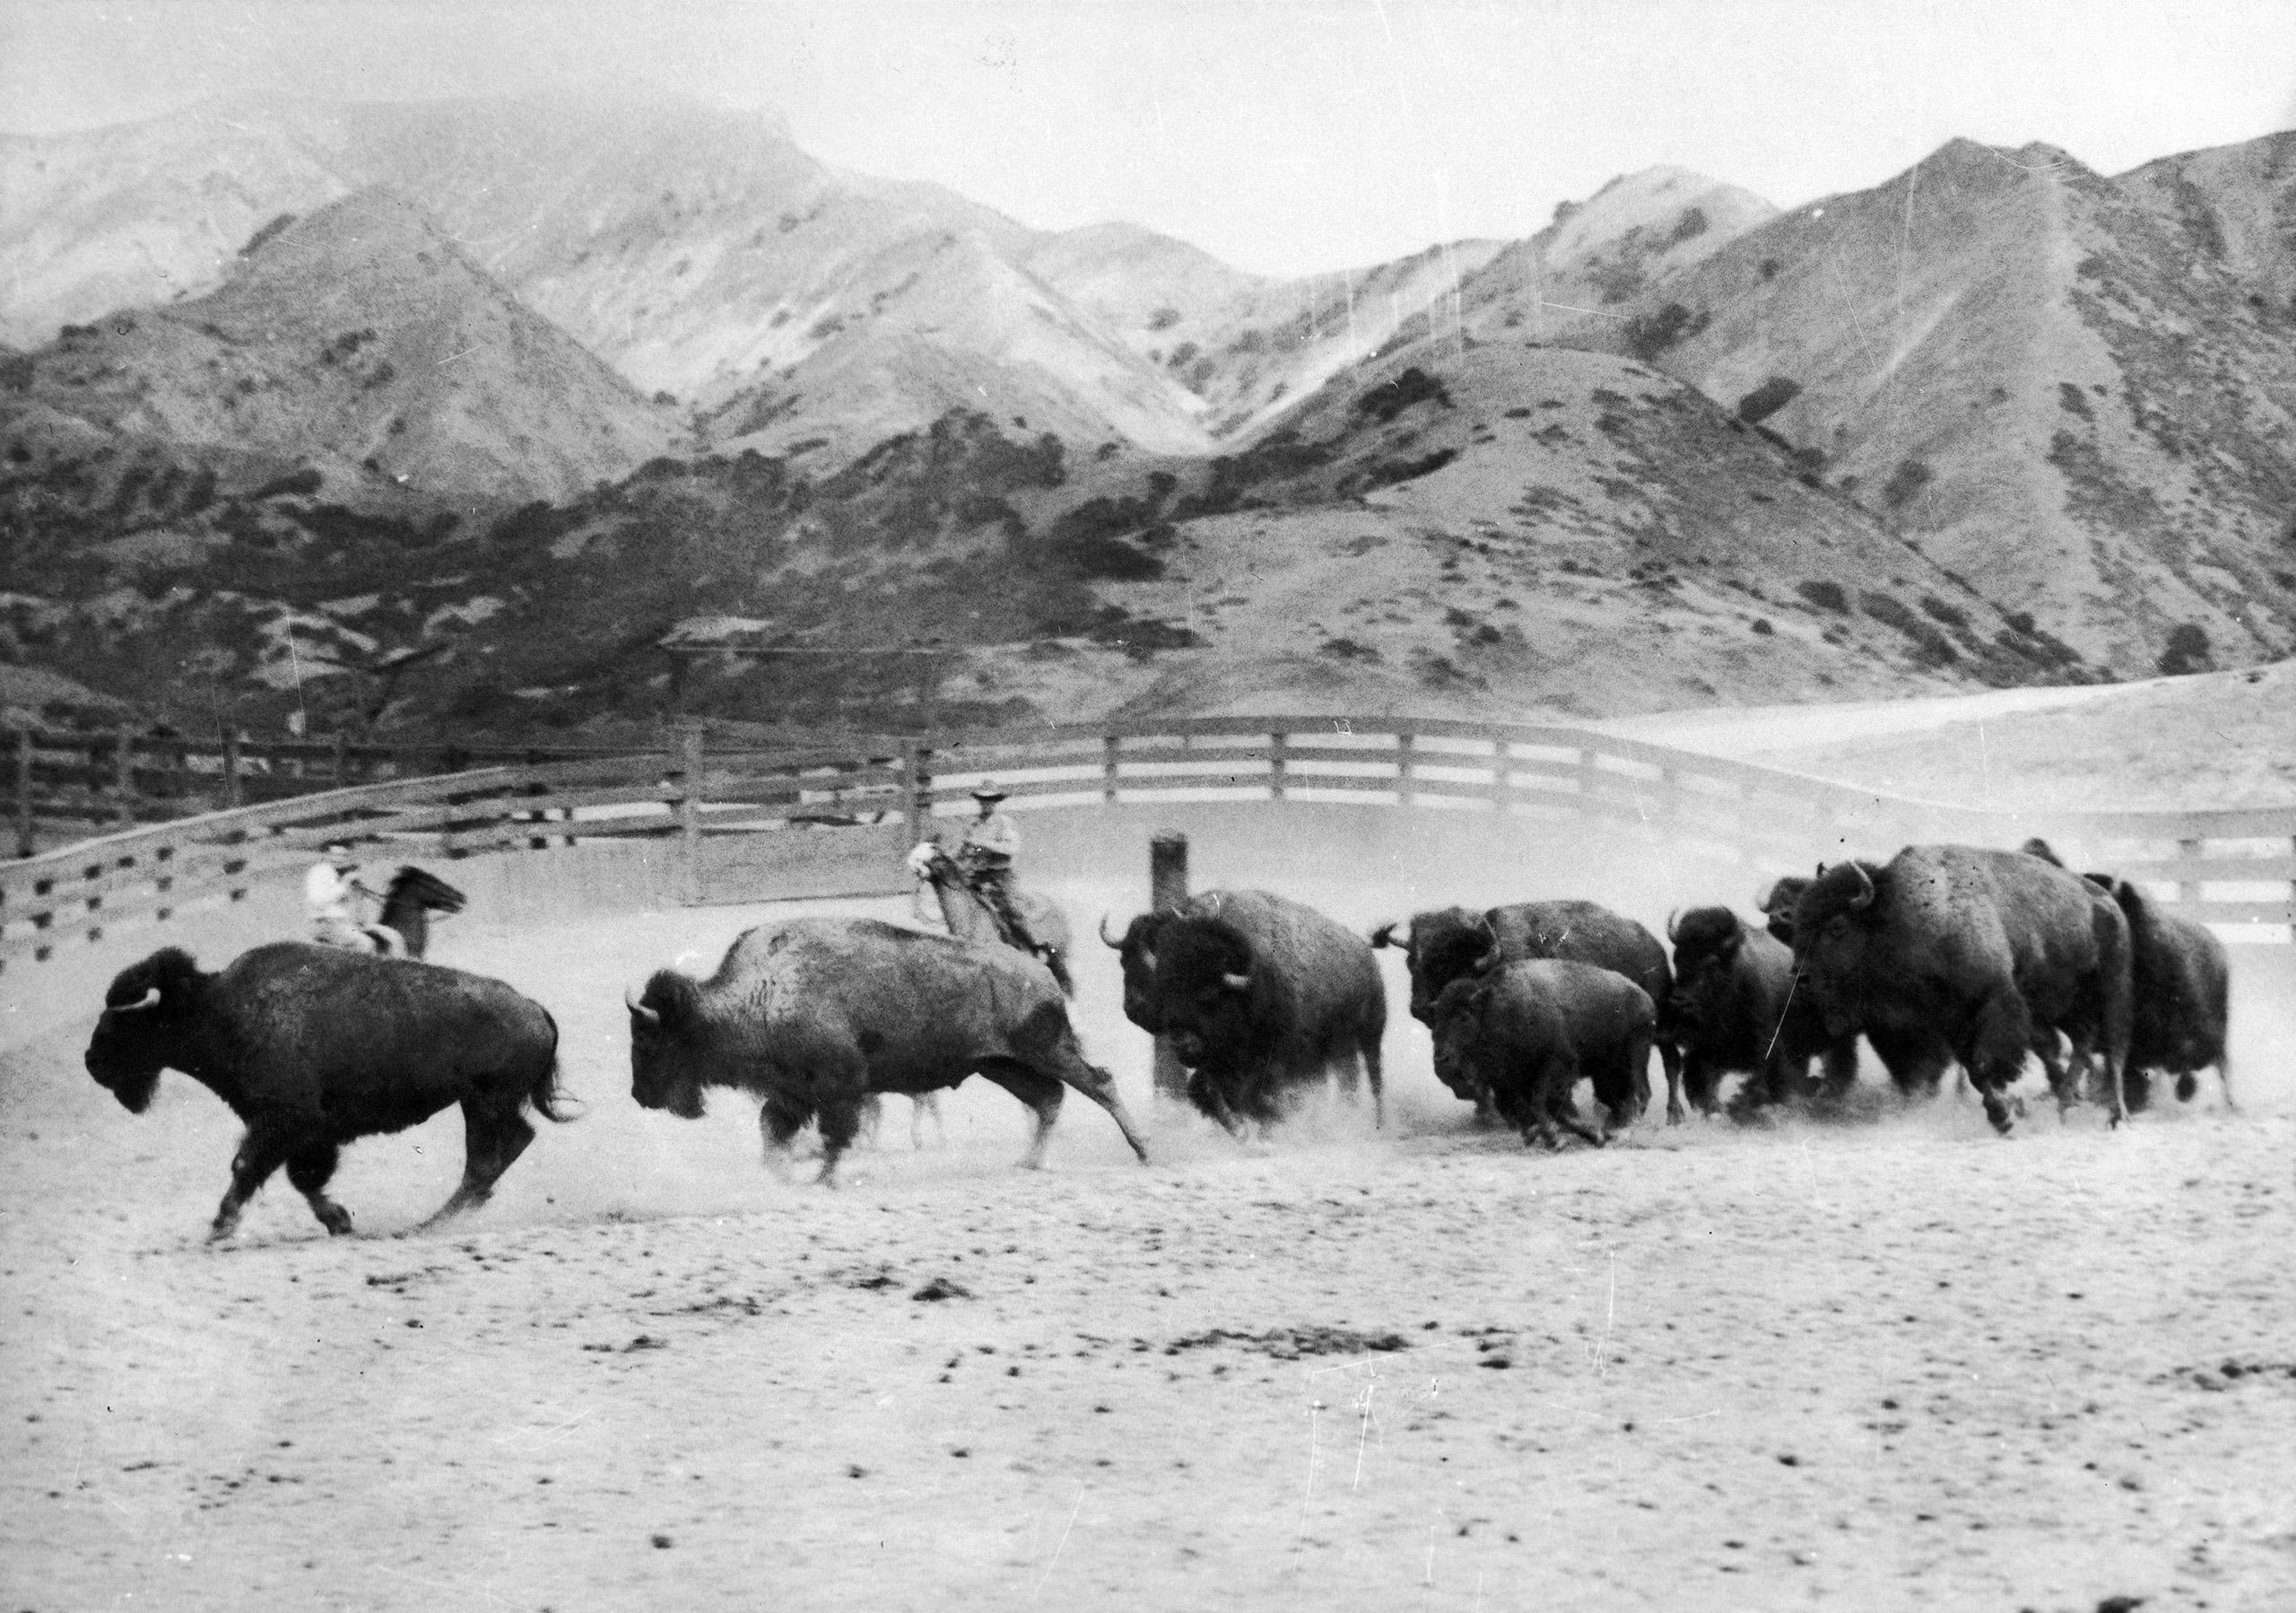 Bison herd in Arizona. 1935.